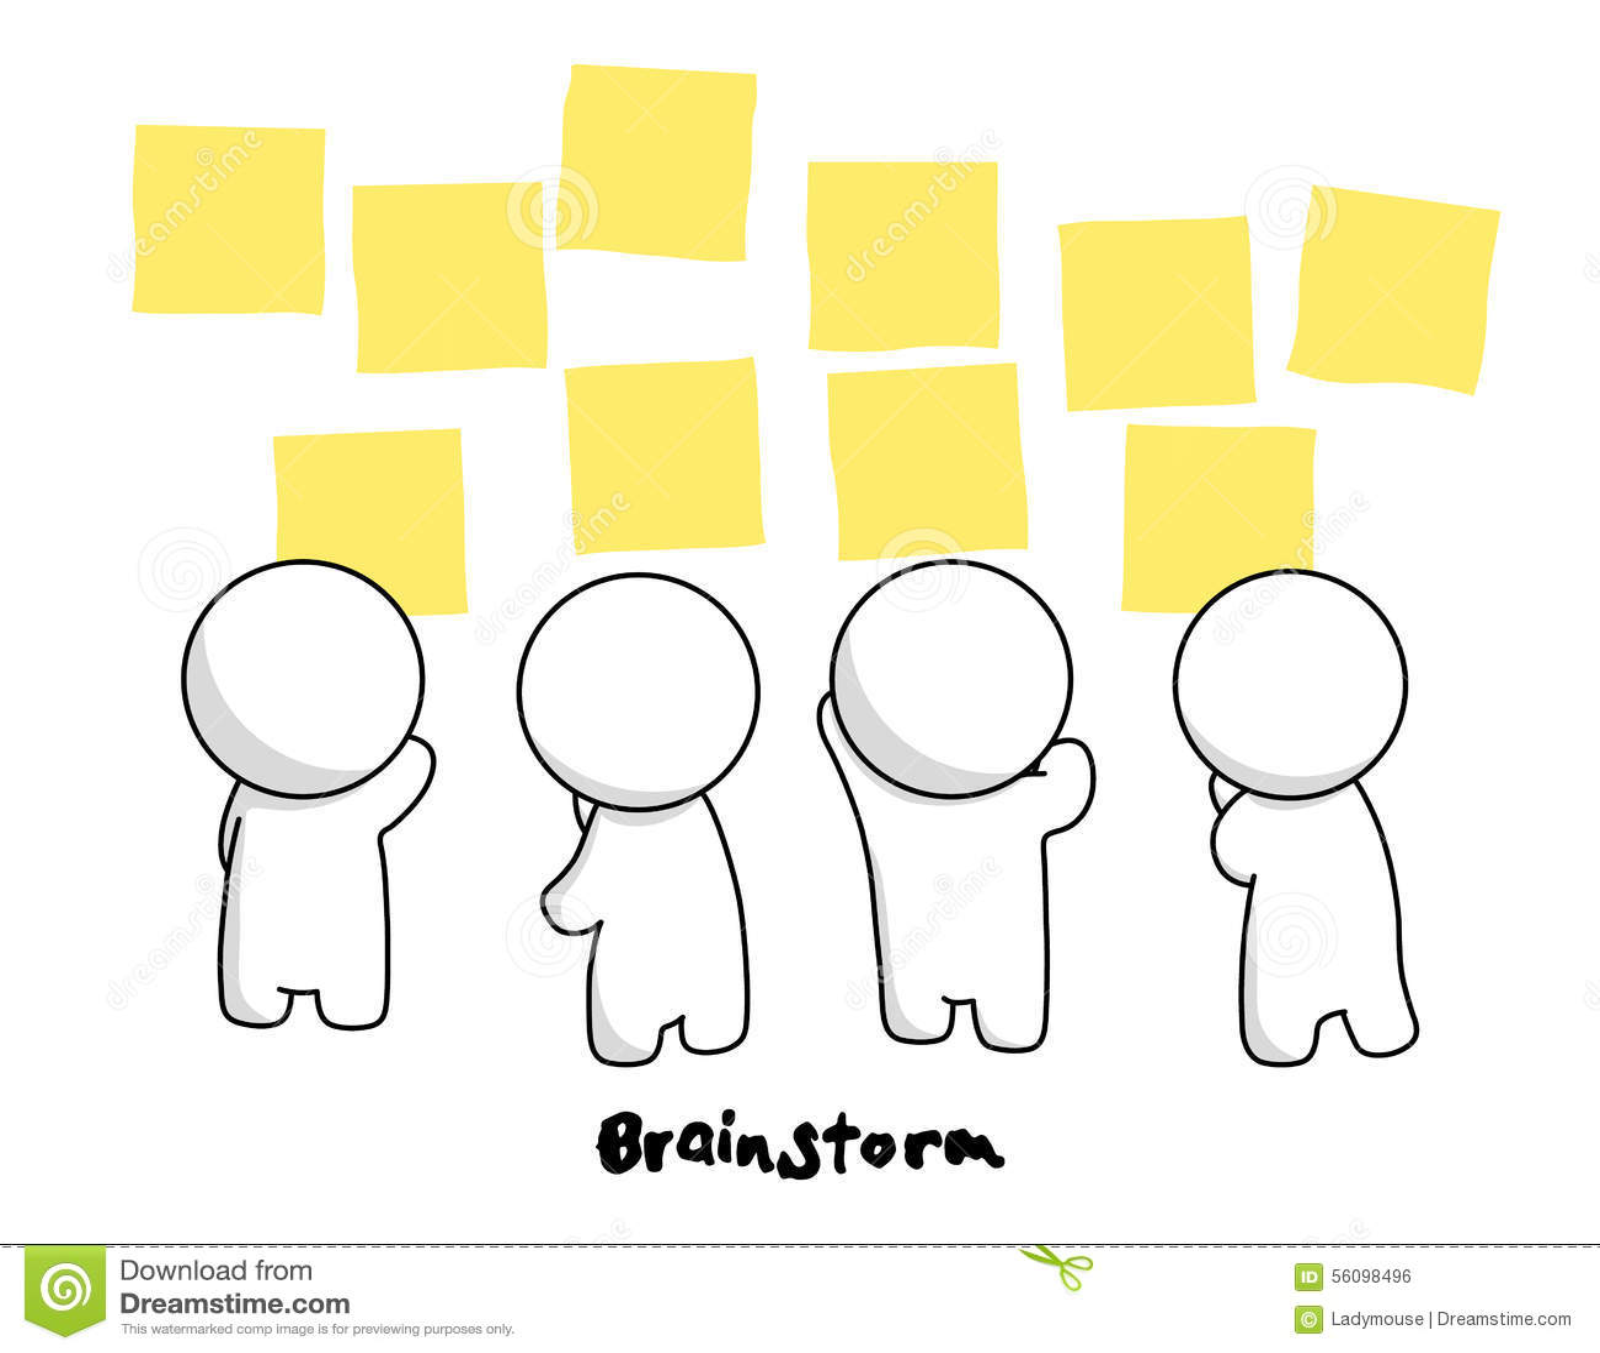 Mrmple In Brainstorm Action Stock Vector